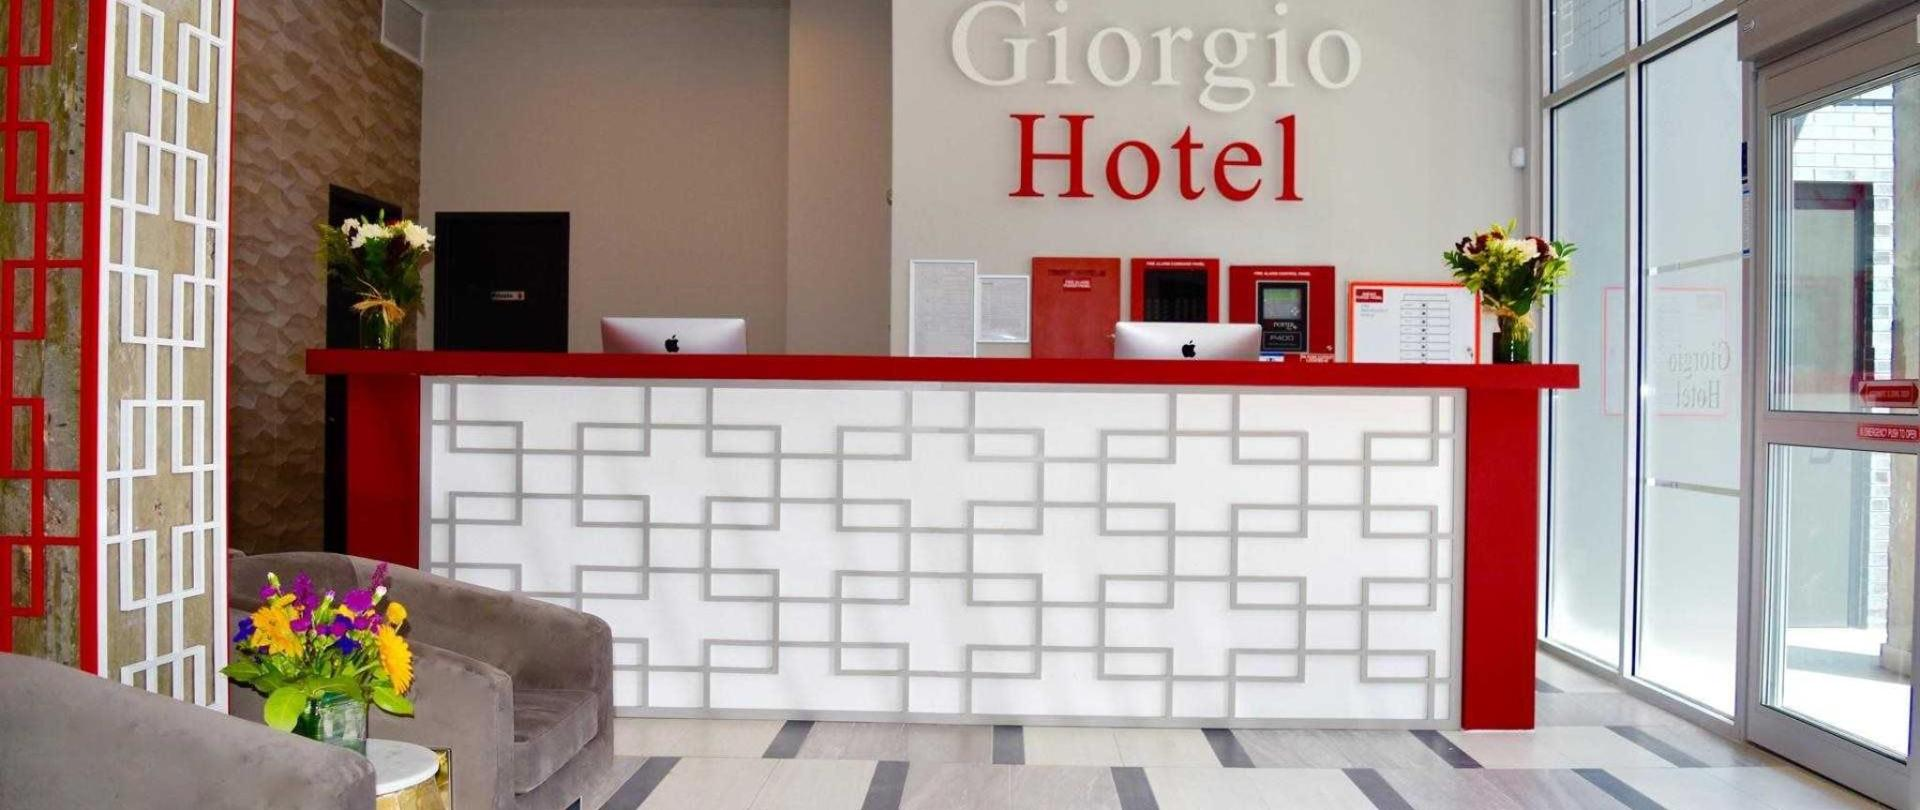 Cheap Hotel in New York, Giorgio Hotel